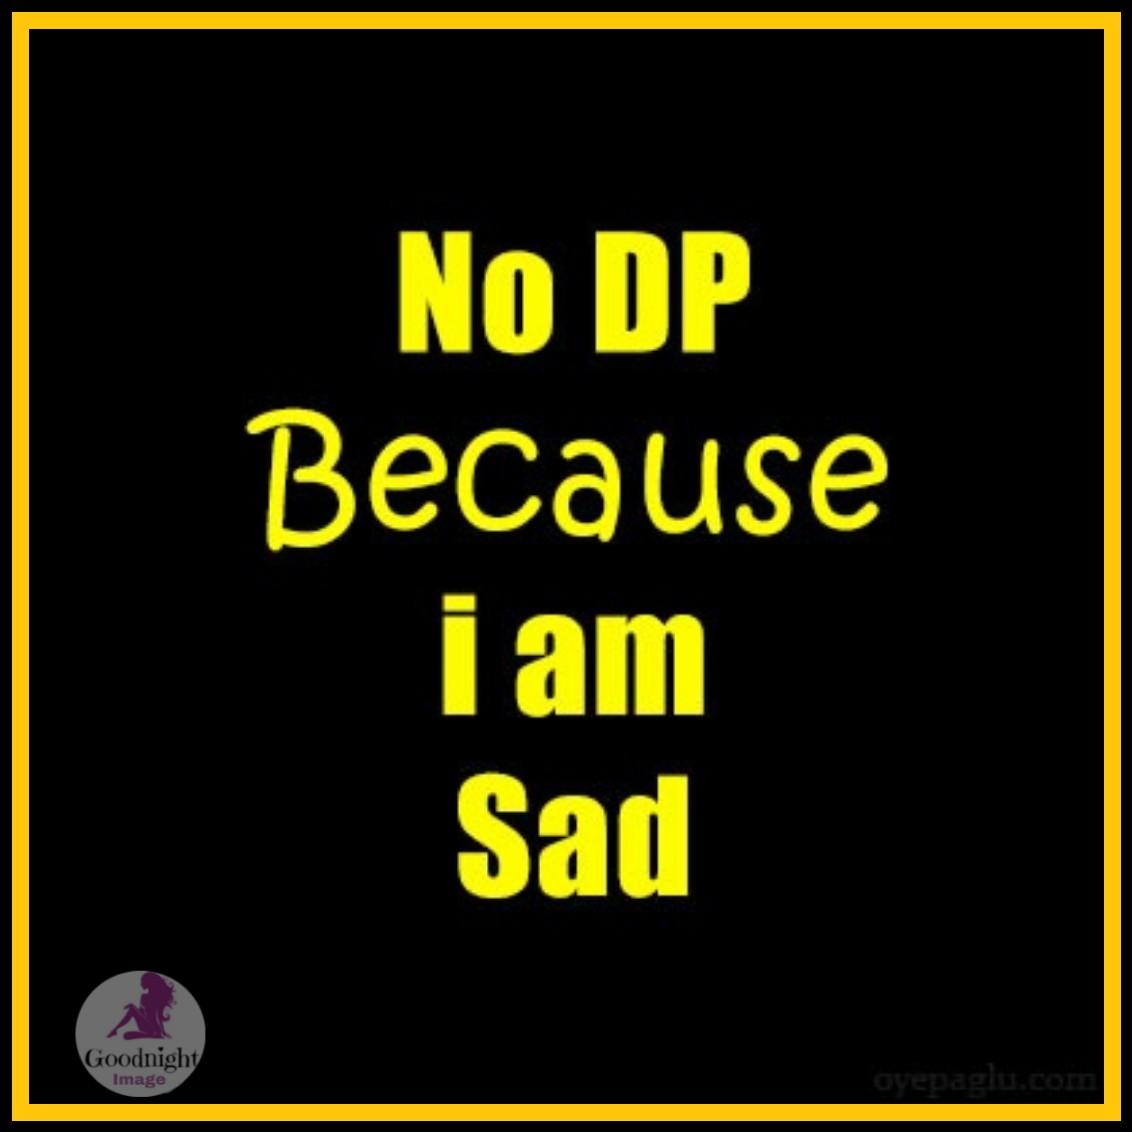 no Dp because i am sad image